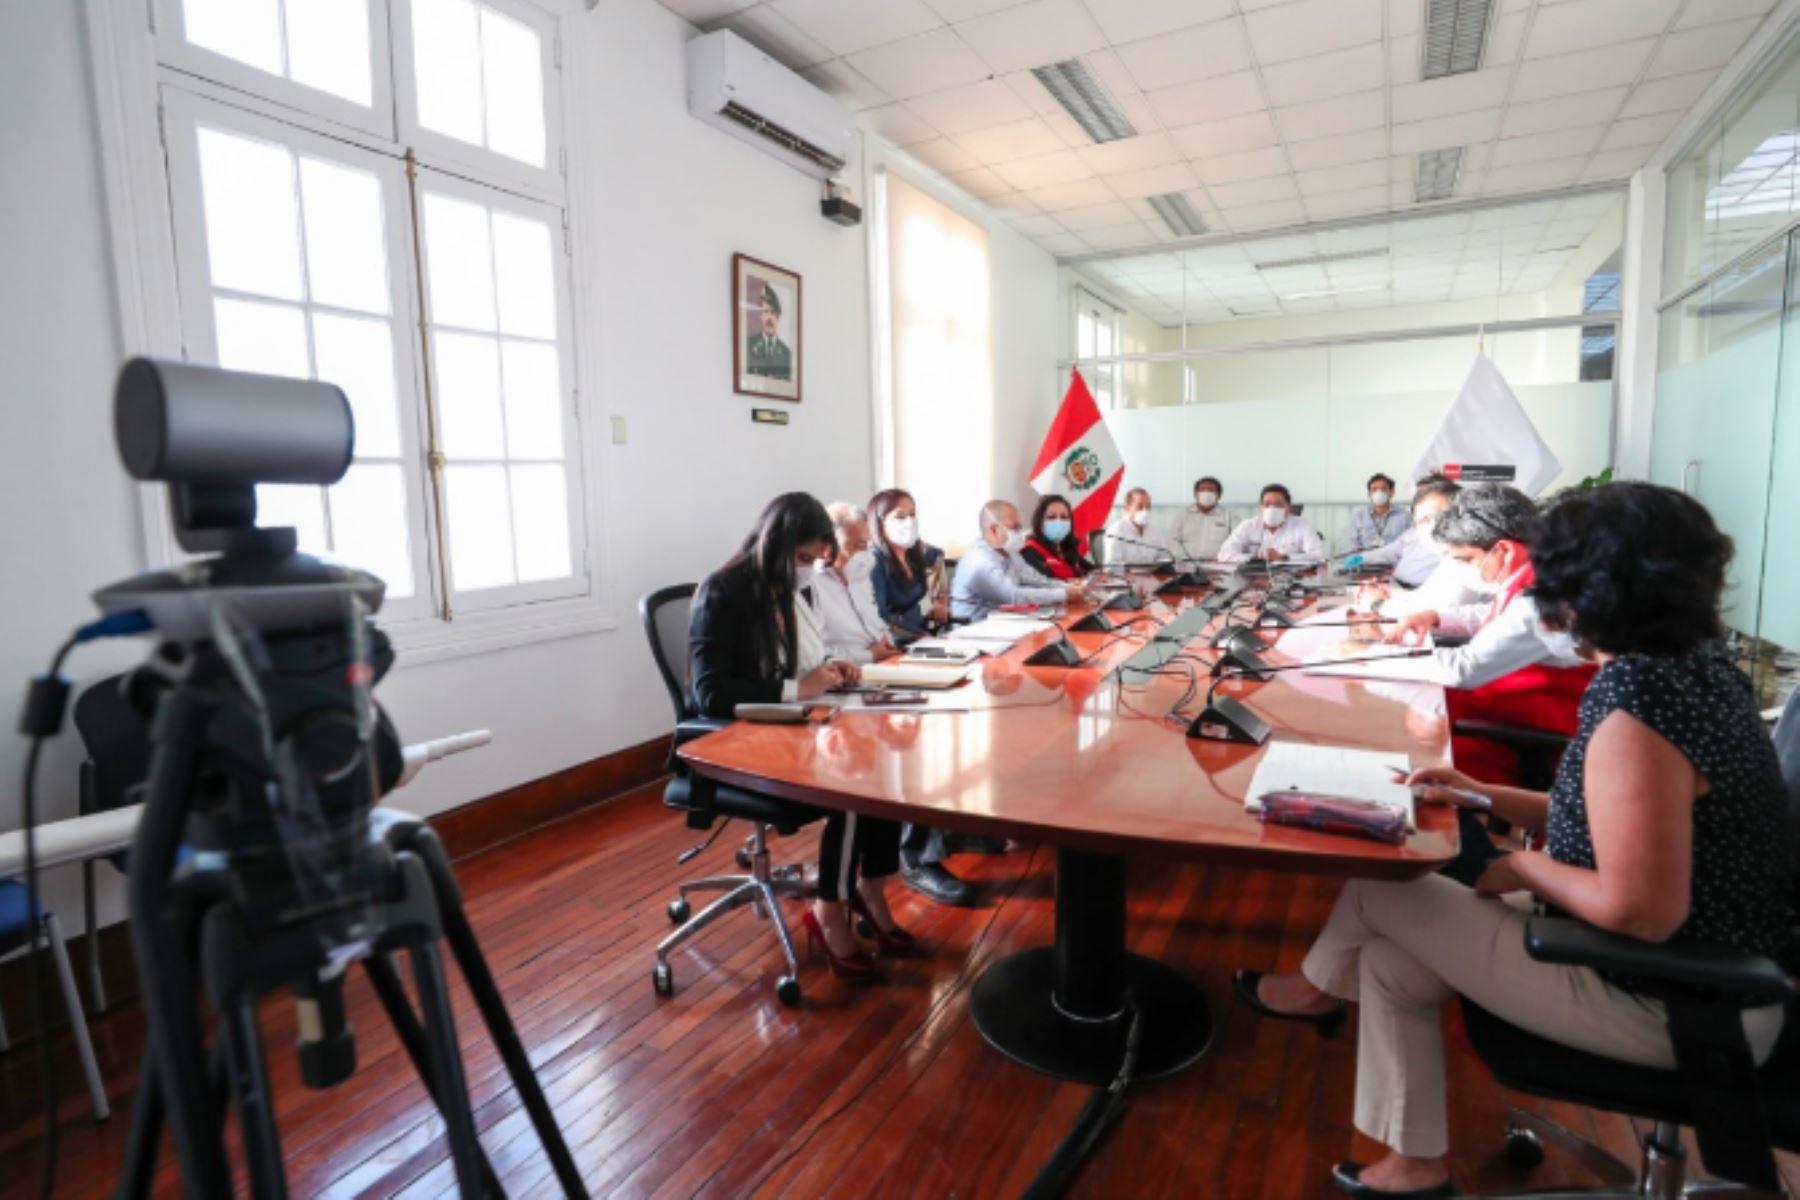 Primer ministro Vicente Zeballos, junto a ministros de Estado, sostuvo reunión virtual con la  junta directiva de la ANGRPERU, representados por las regiones Piura, Ucayali, Pasco, Amazonas, Áncash y Tumbes, en el marco del Estado de Emergencia Nacional.Foto:ANDINA/PCM